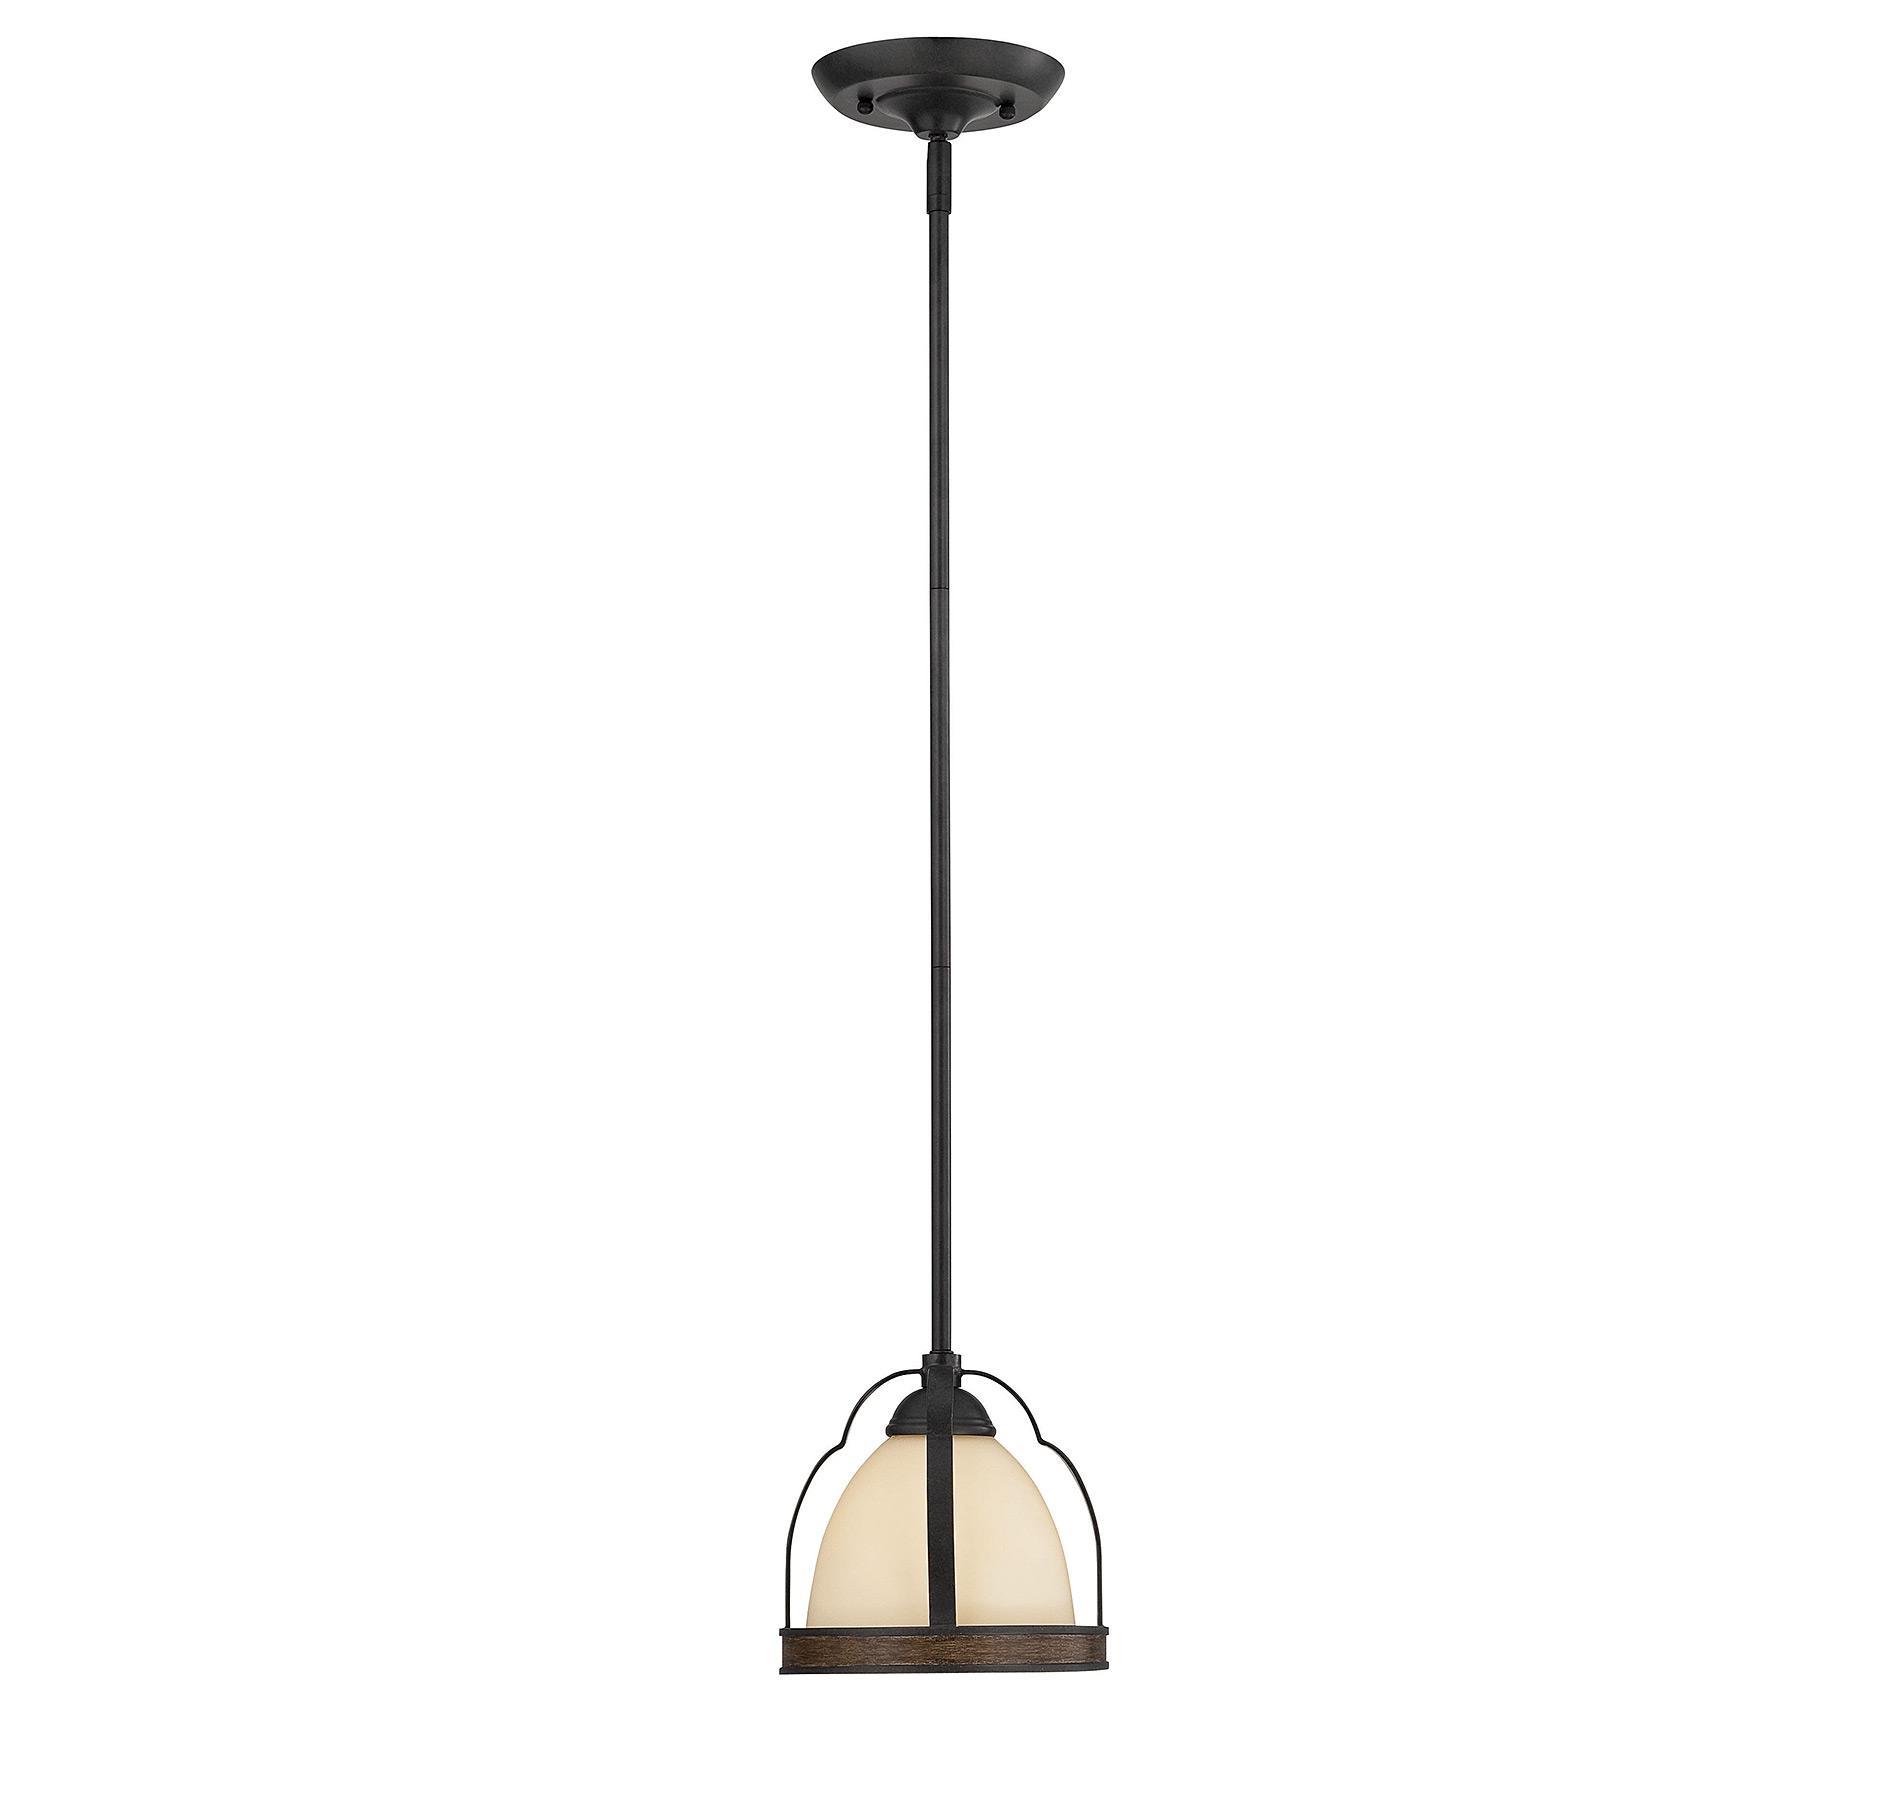 Классический подвесной мини-светильник Kelsey - фото